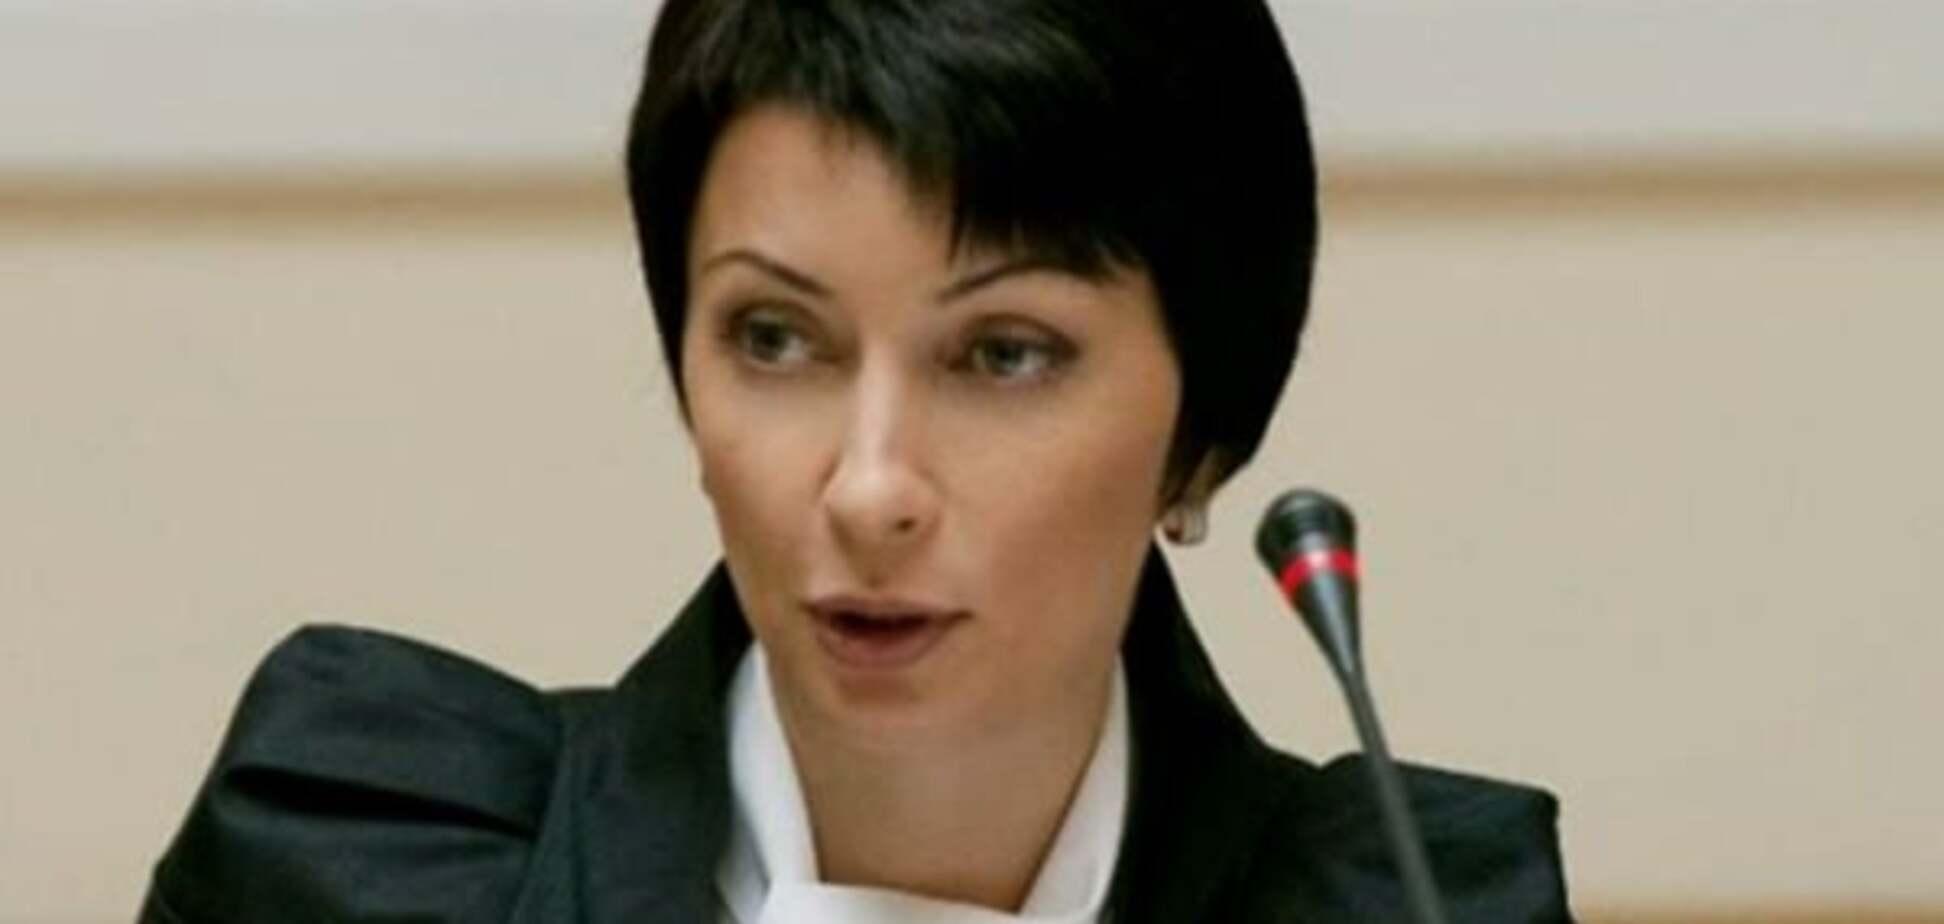 Лукаш отказалась забирать паспорта и покидать Украину - адвокат